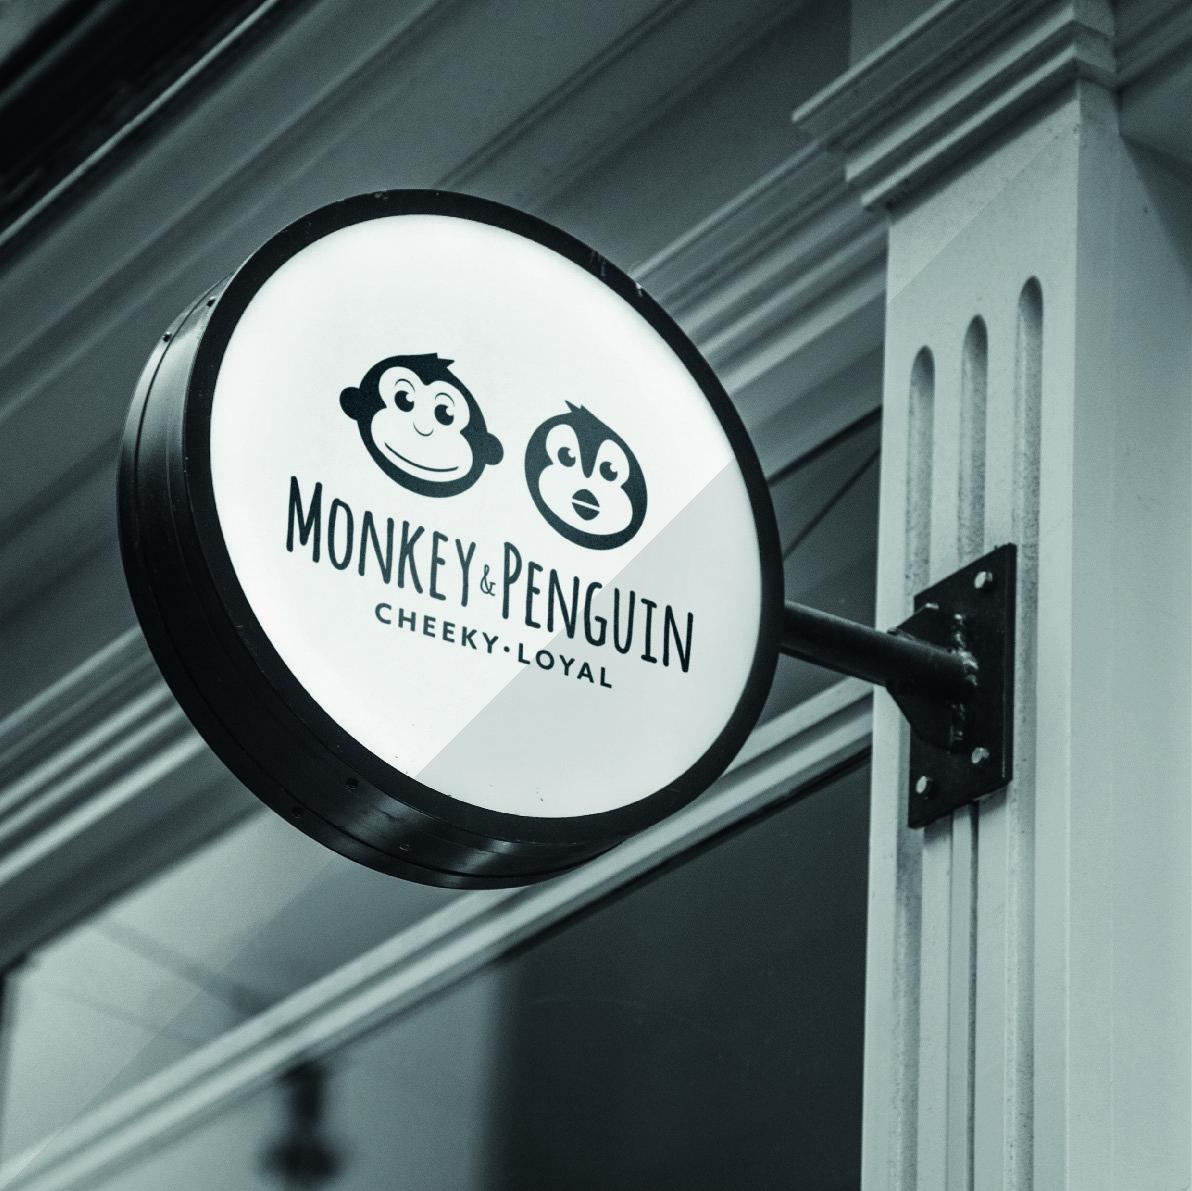 Monkey and Penguin Signage